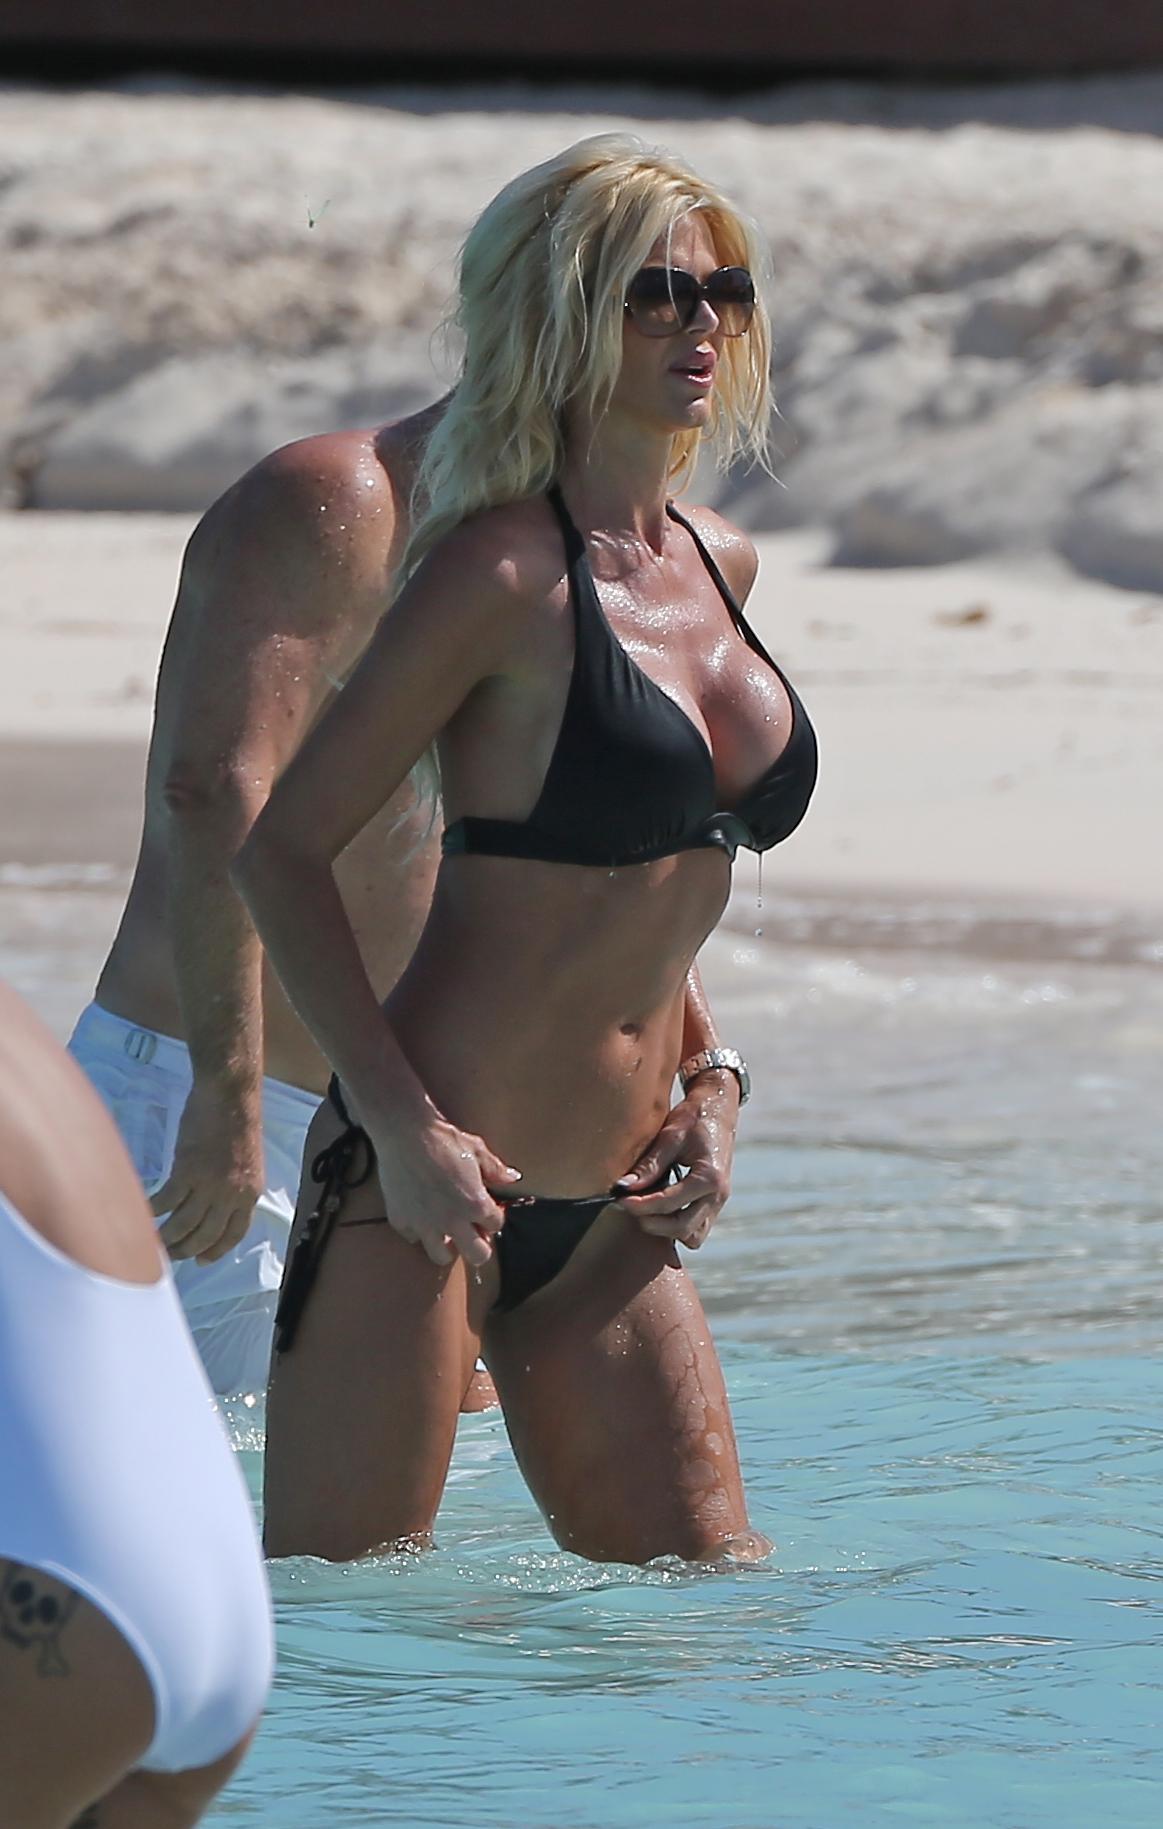 Victoria-Silvstedt-in-a-Bikini-3